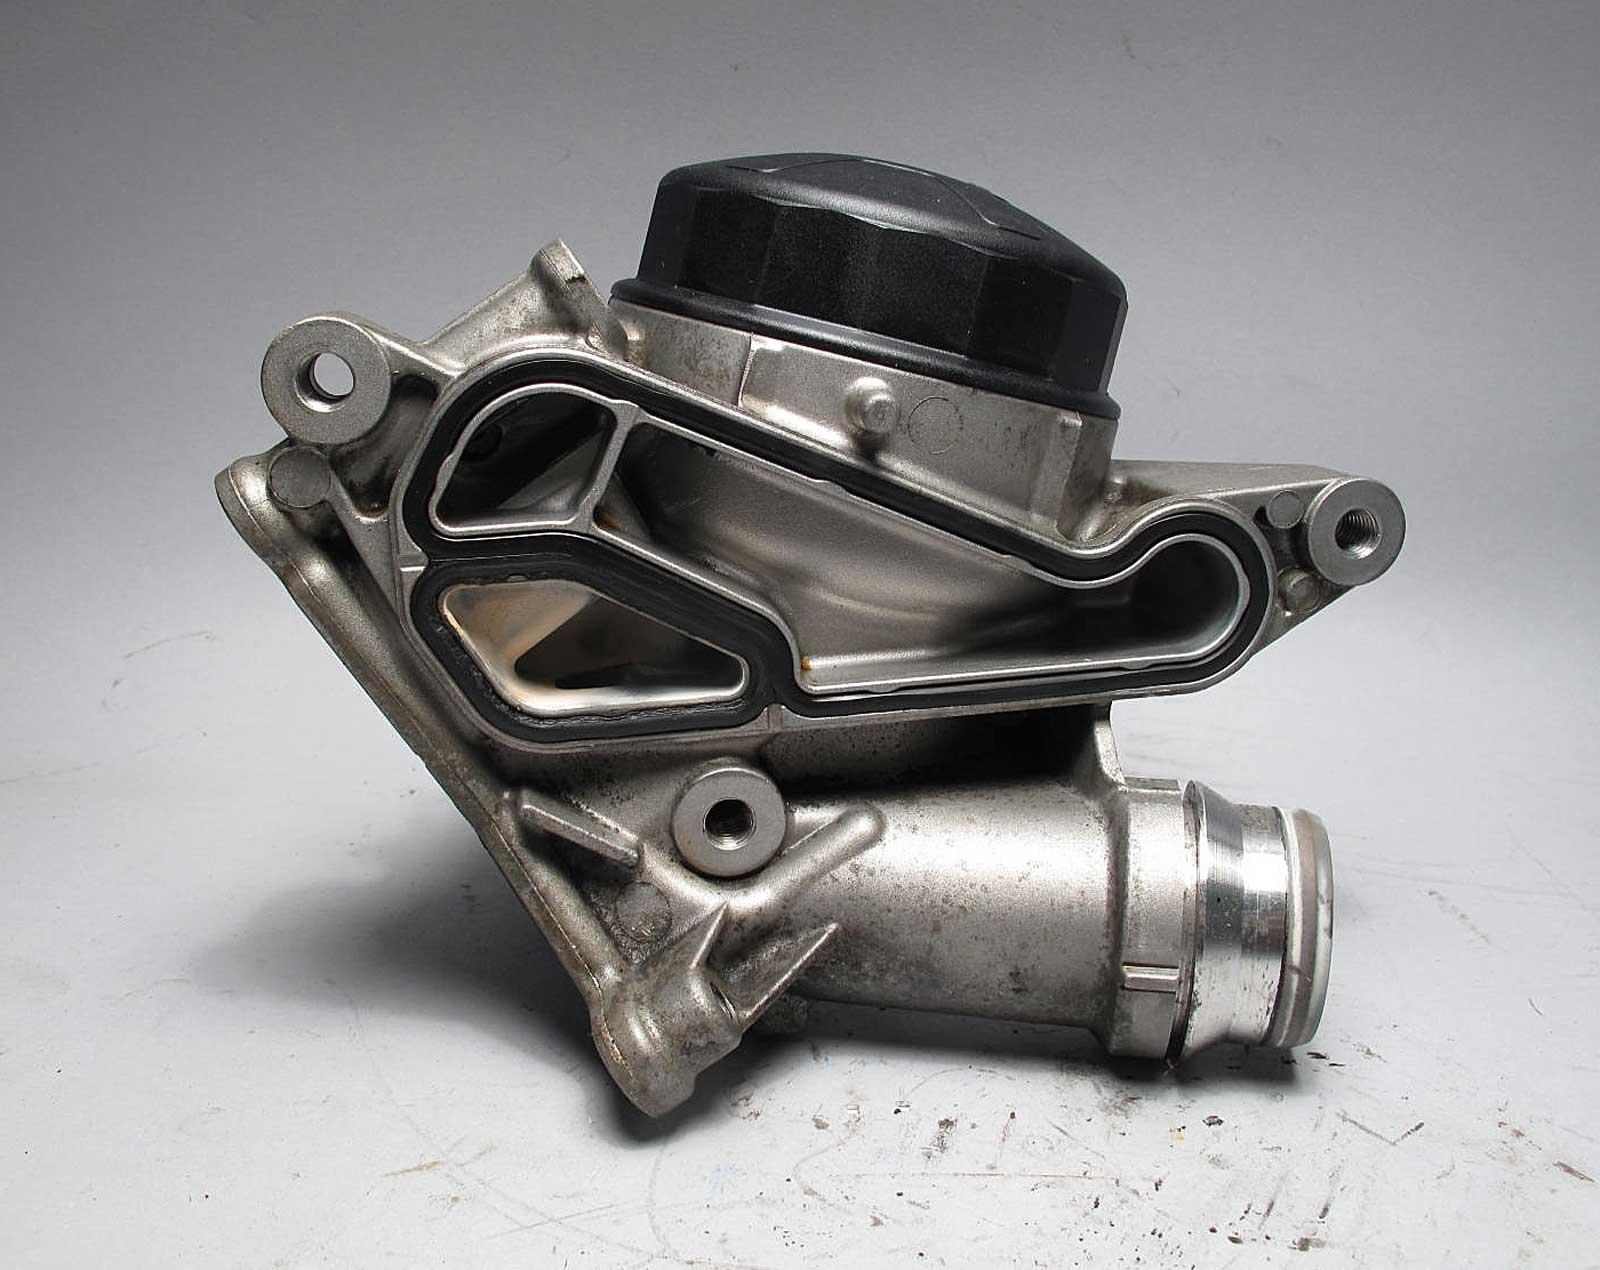 2006 2017 Bmw Engine Oil Filter Housing N52 N54 N55 N20